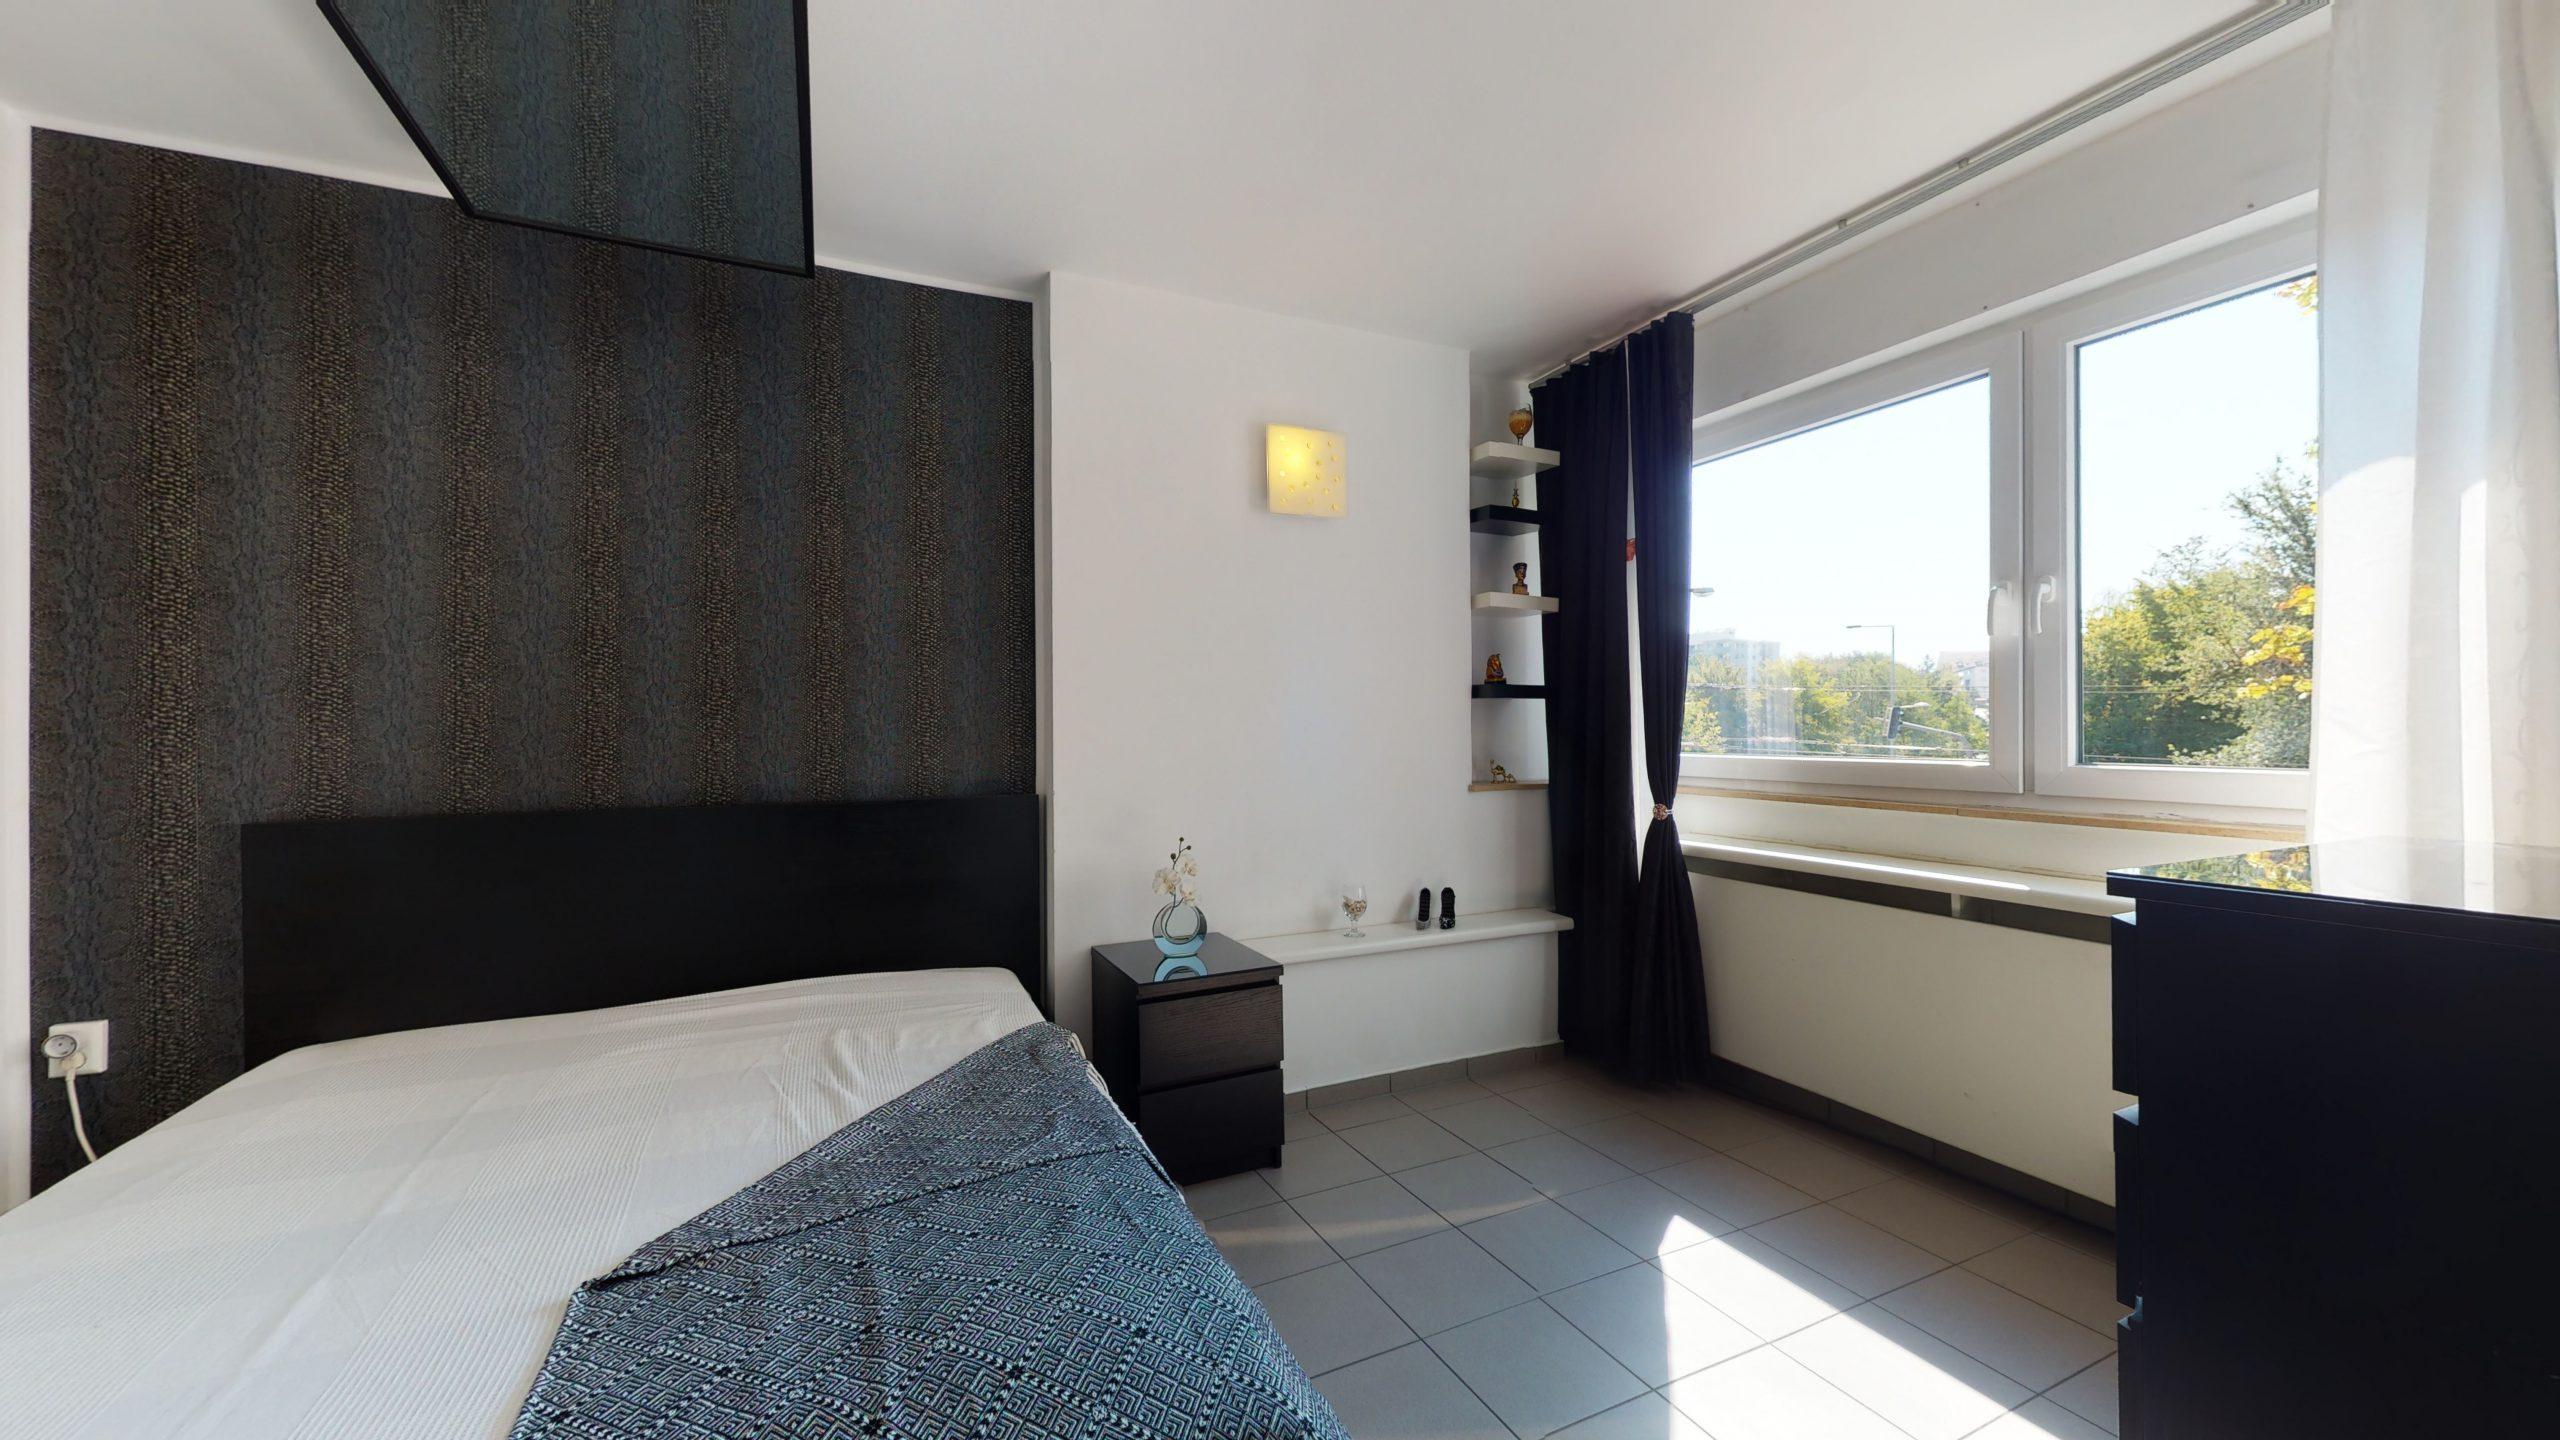 25-Zimmer-Wohnung-in-Stuttgart-Zuffenhausen-08112020_161407